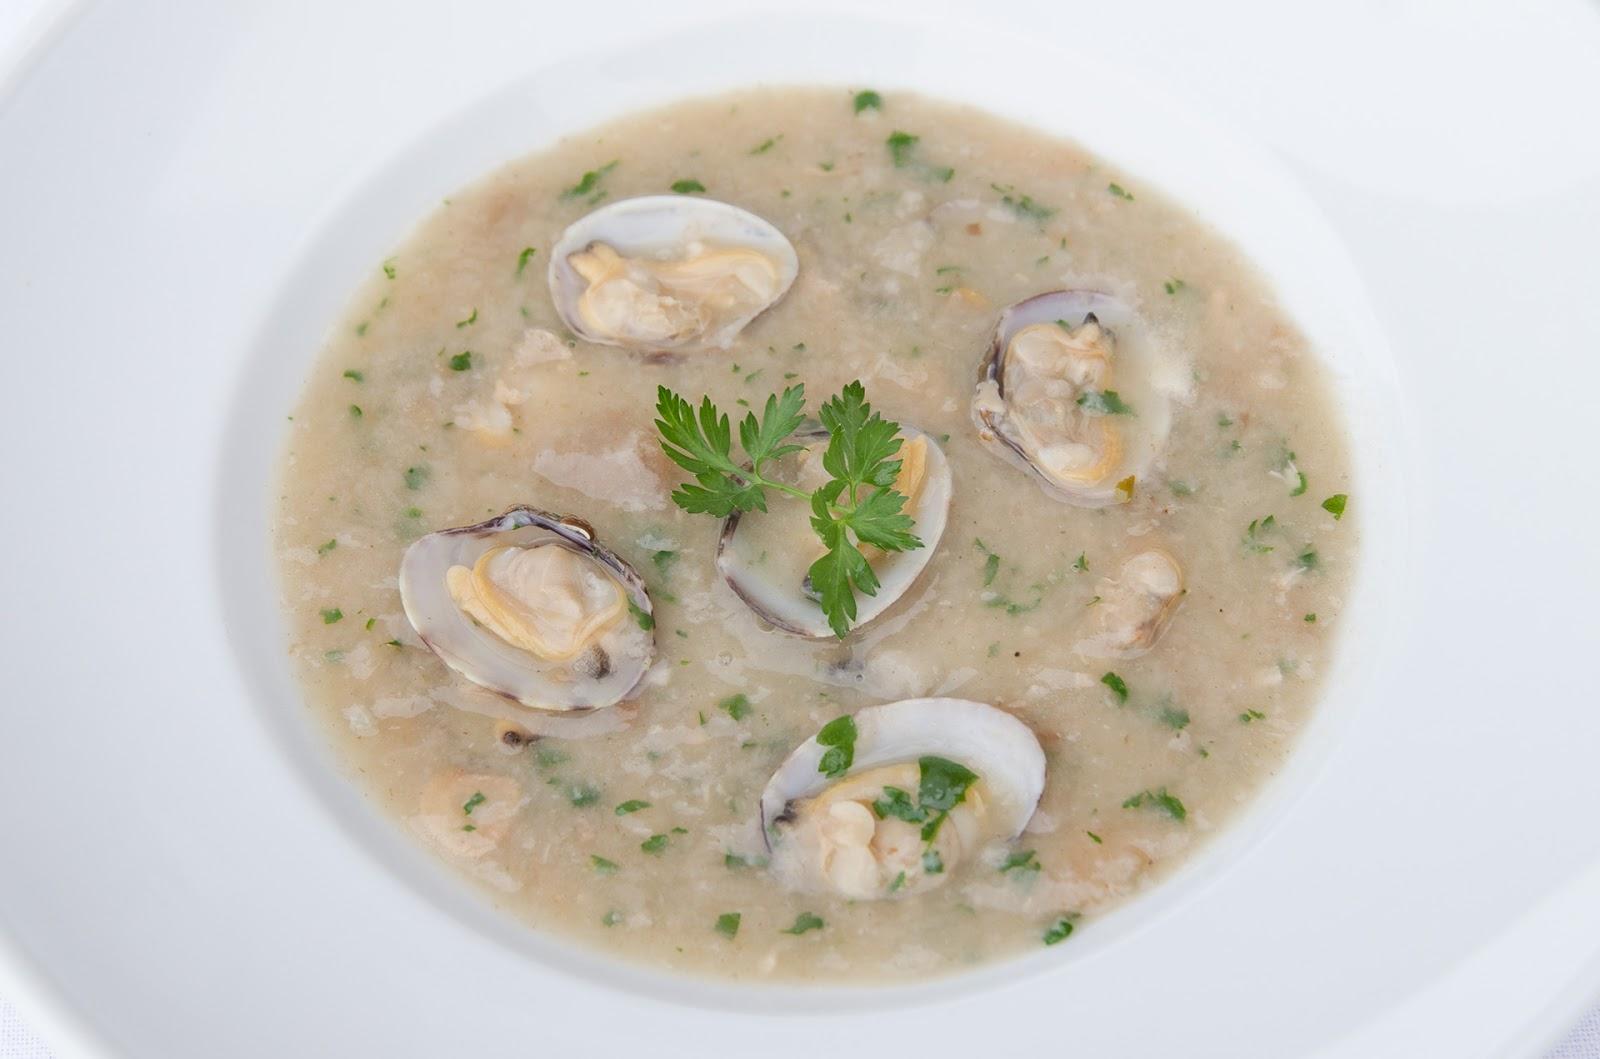 sopa-de-ajo-almejas-receta-casera-facil-bruja